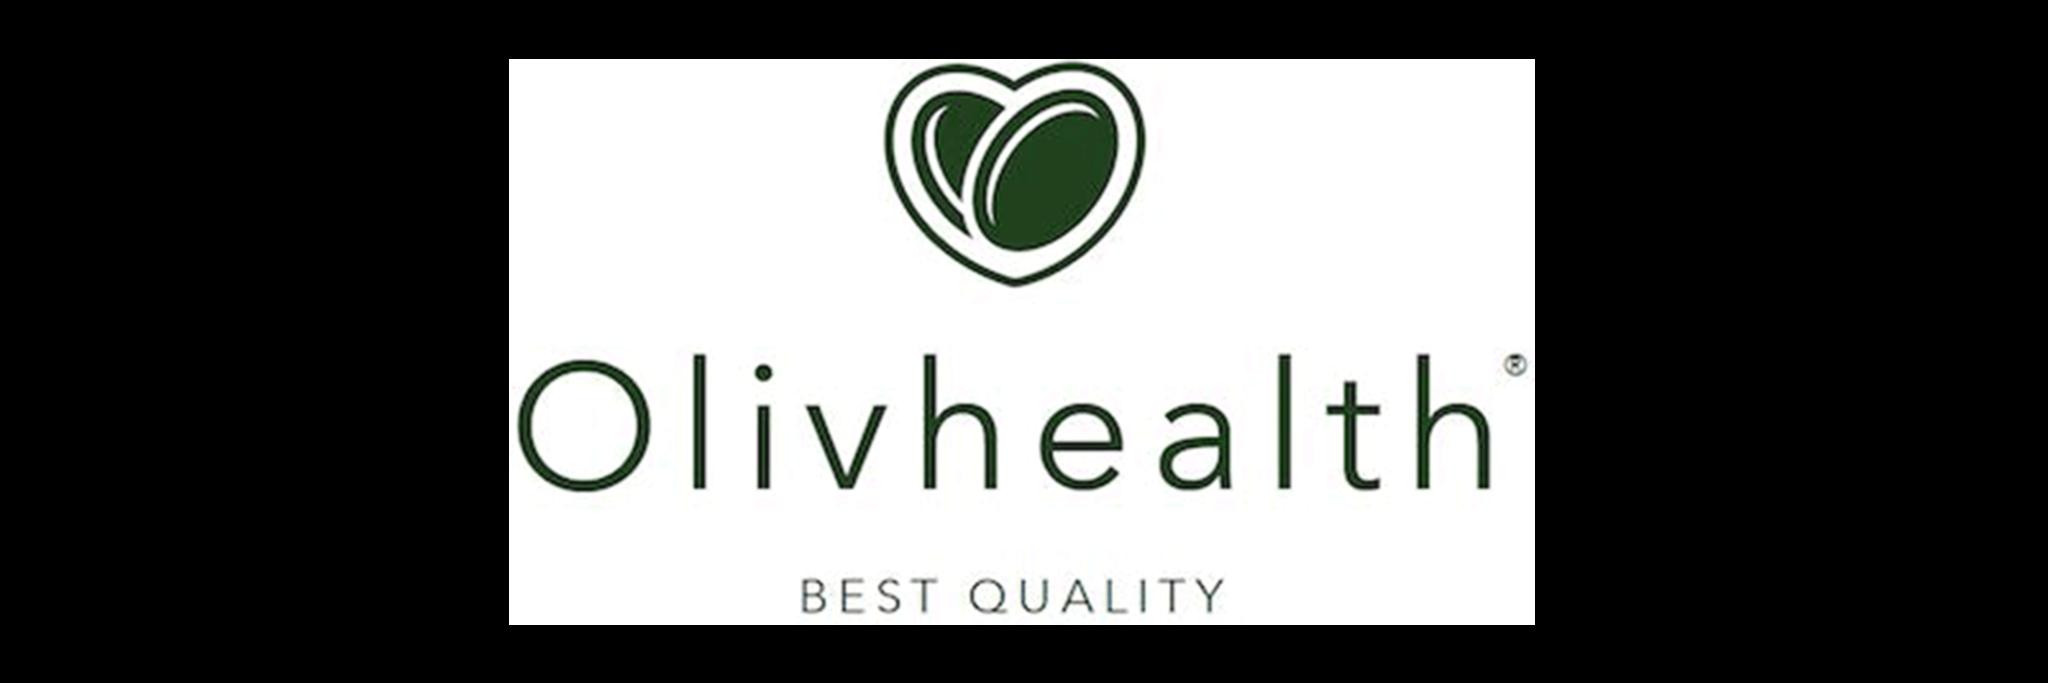 OLIVE HEALTH